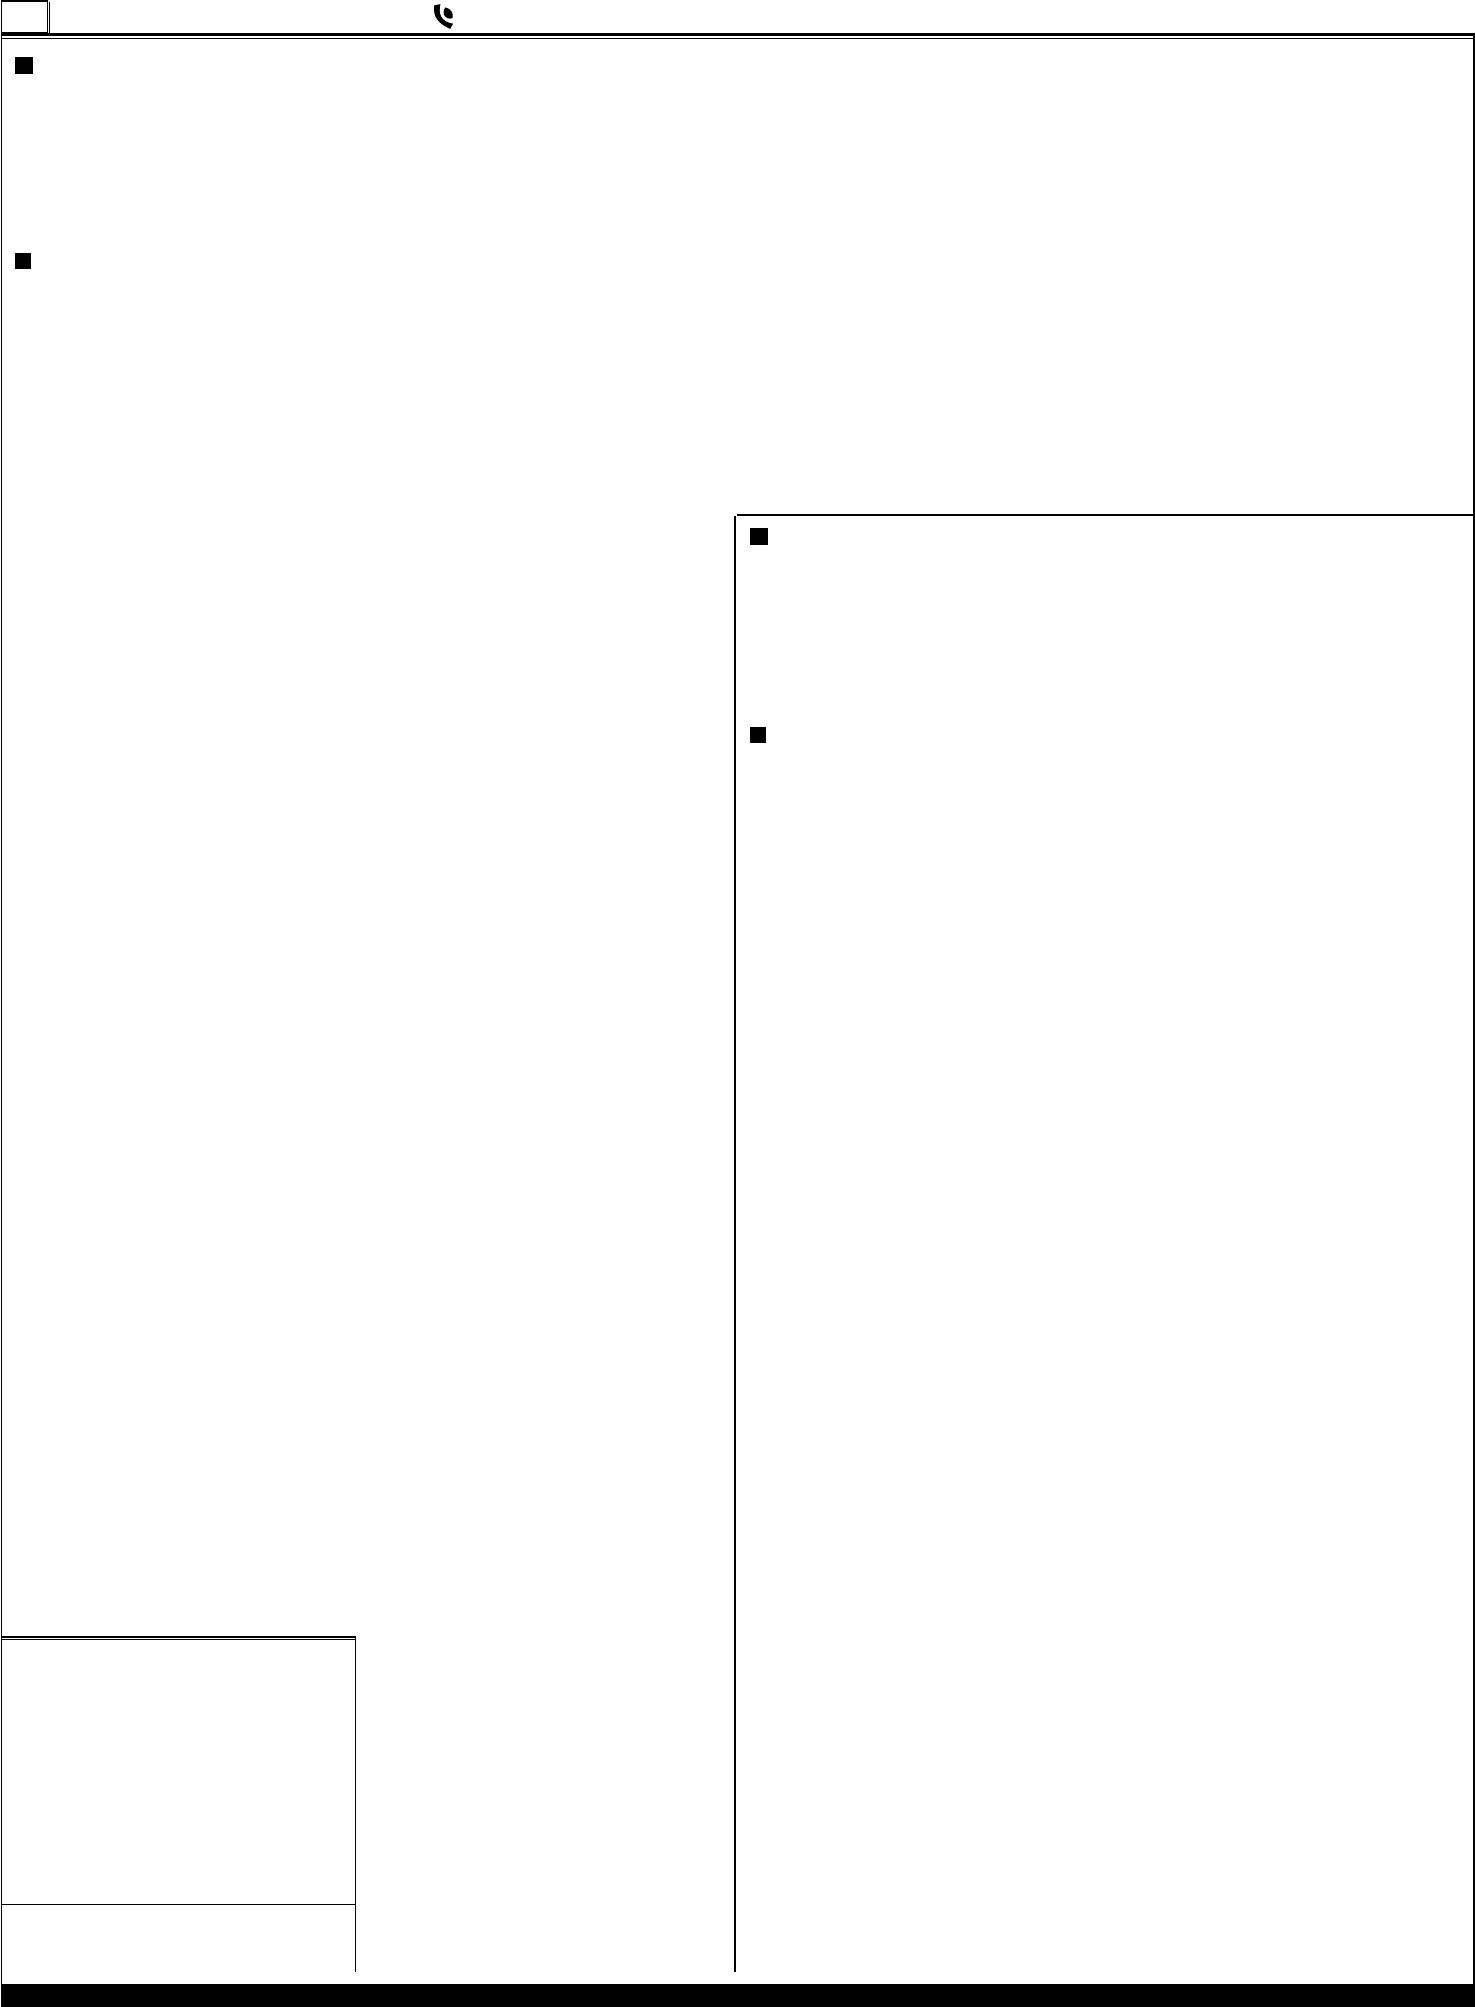 Plantilla Calendario Anual 2019 Excel Mejores Y Más Novedosos Calendario 2016 Excel Lunes A Domingo Of Plantilla Calendario Anual 2019 Excel Actual Kalender 2019 Book